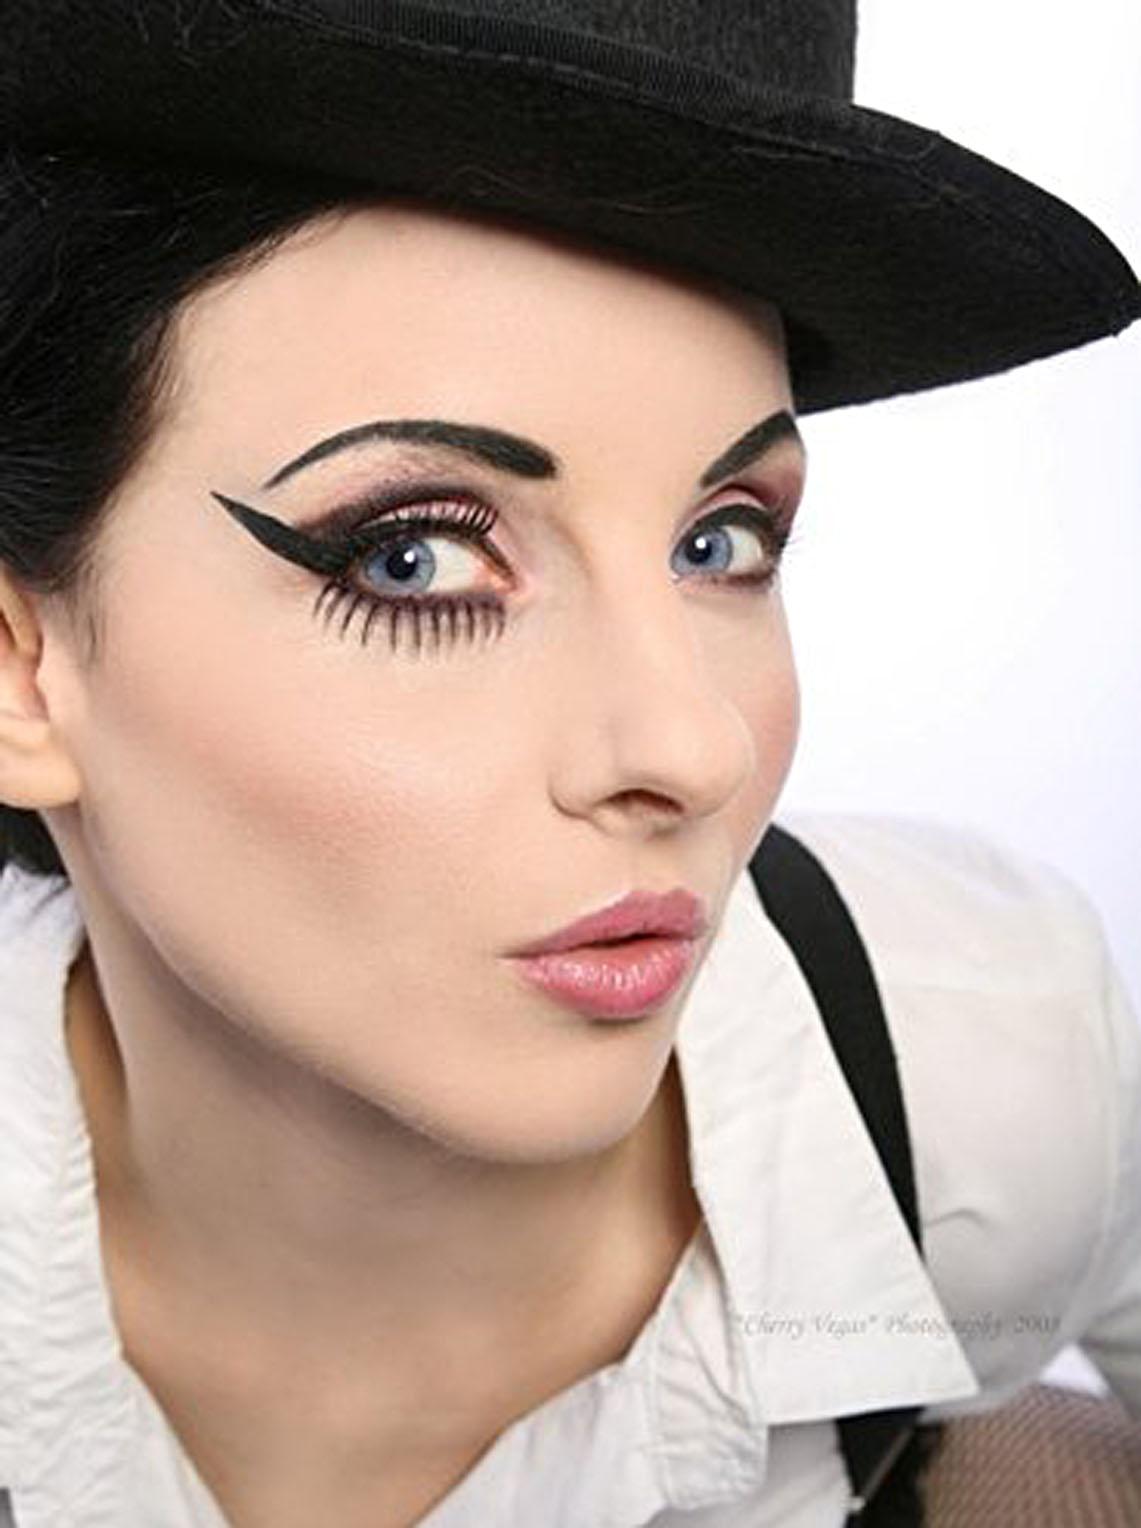 Фото макияжа в стиле чикаго 30